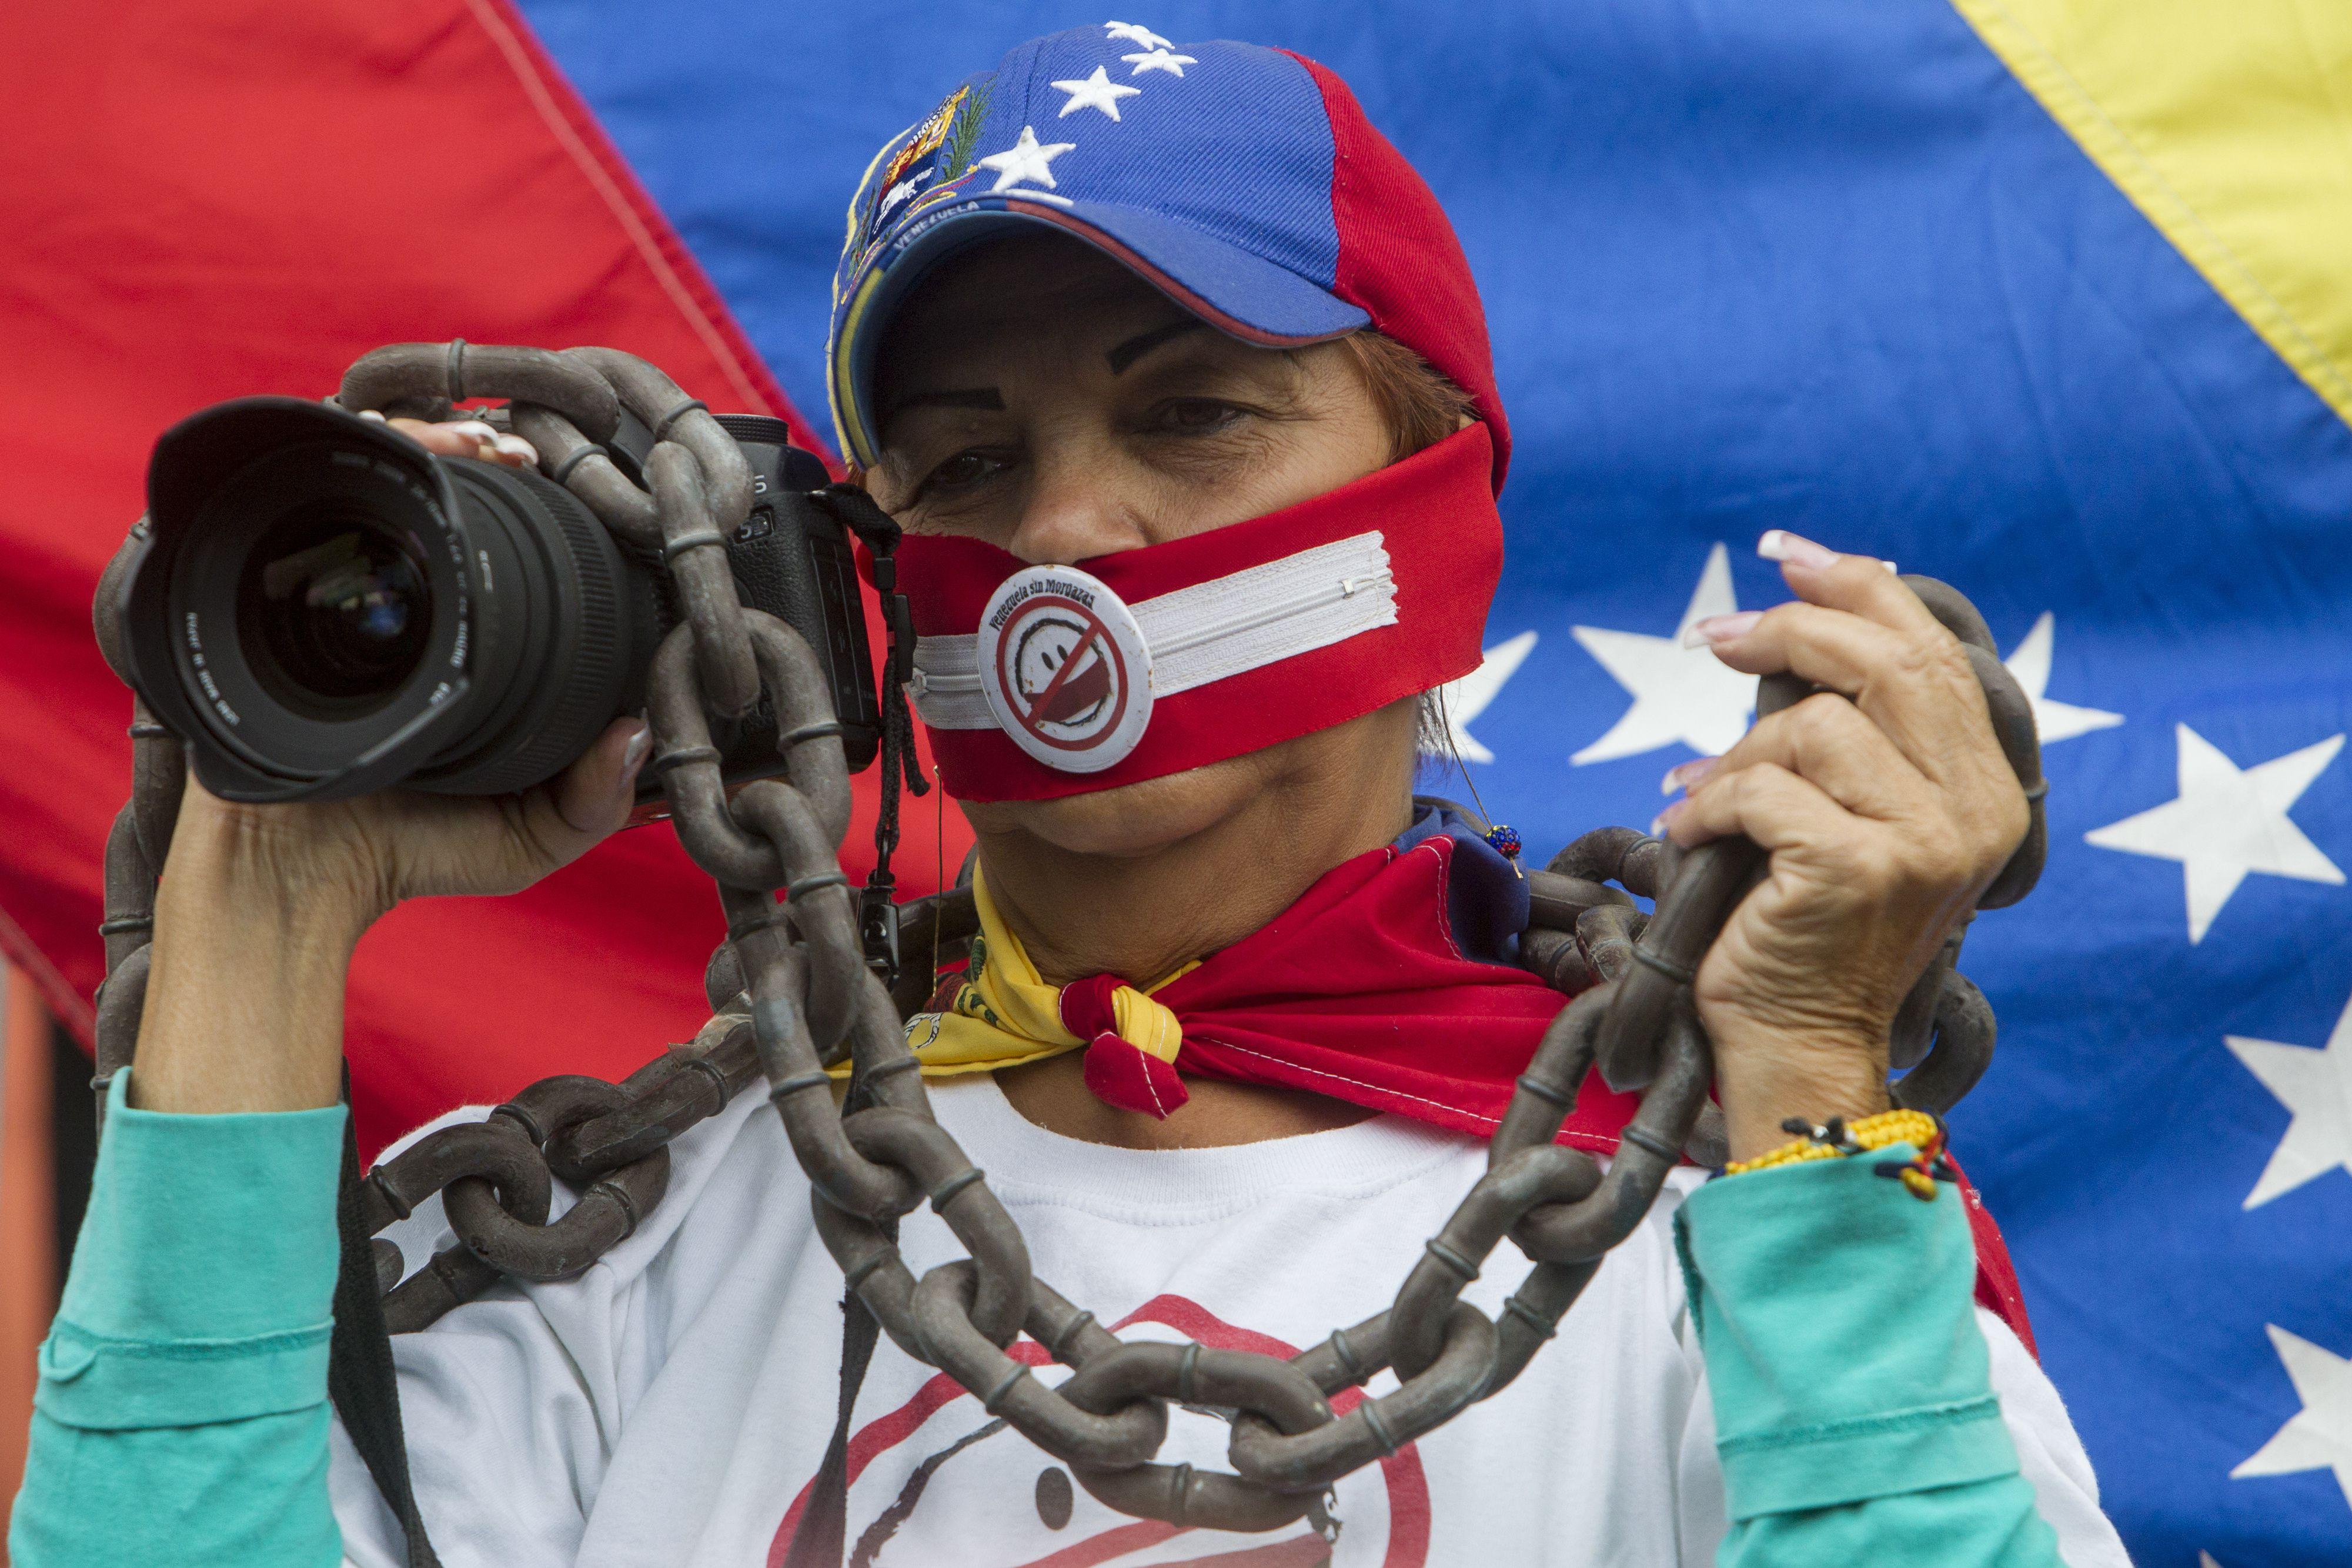 Los ataques a la prensa son una constante (EFE/Miguel Gutiérrez/Archivo)